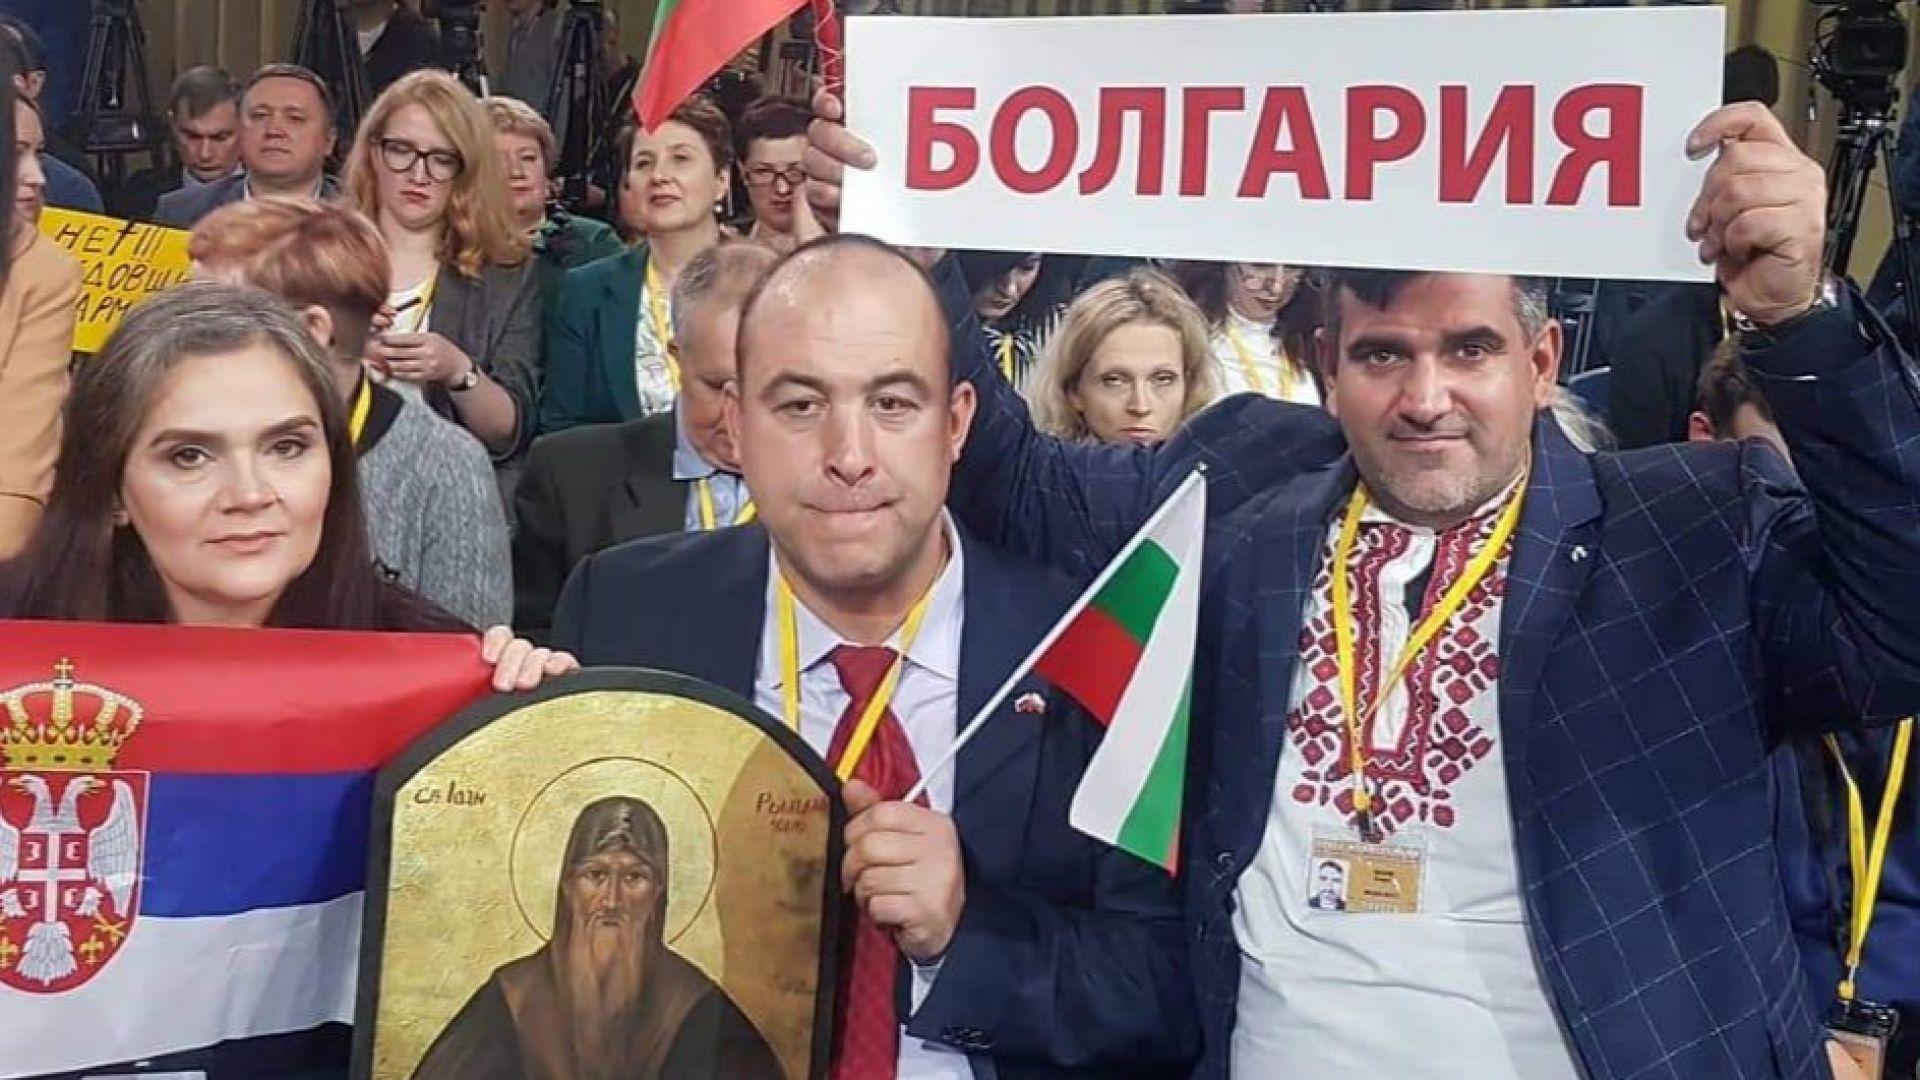 Българинът, който прекъсна пресконференцията на Путин, пред Dir.bg: Върна се при нас и два пъти се поклони пред иконата (снимки)